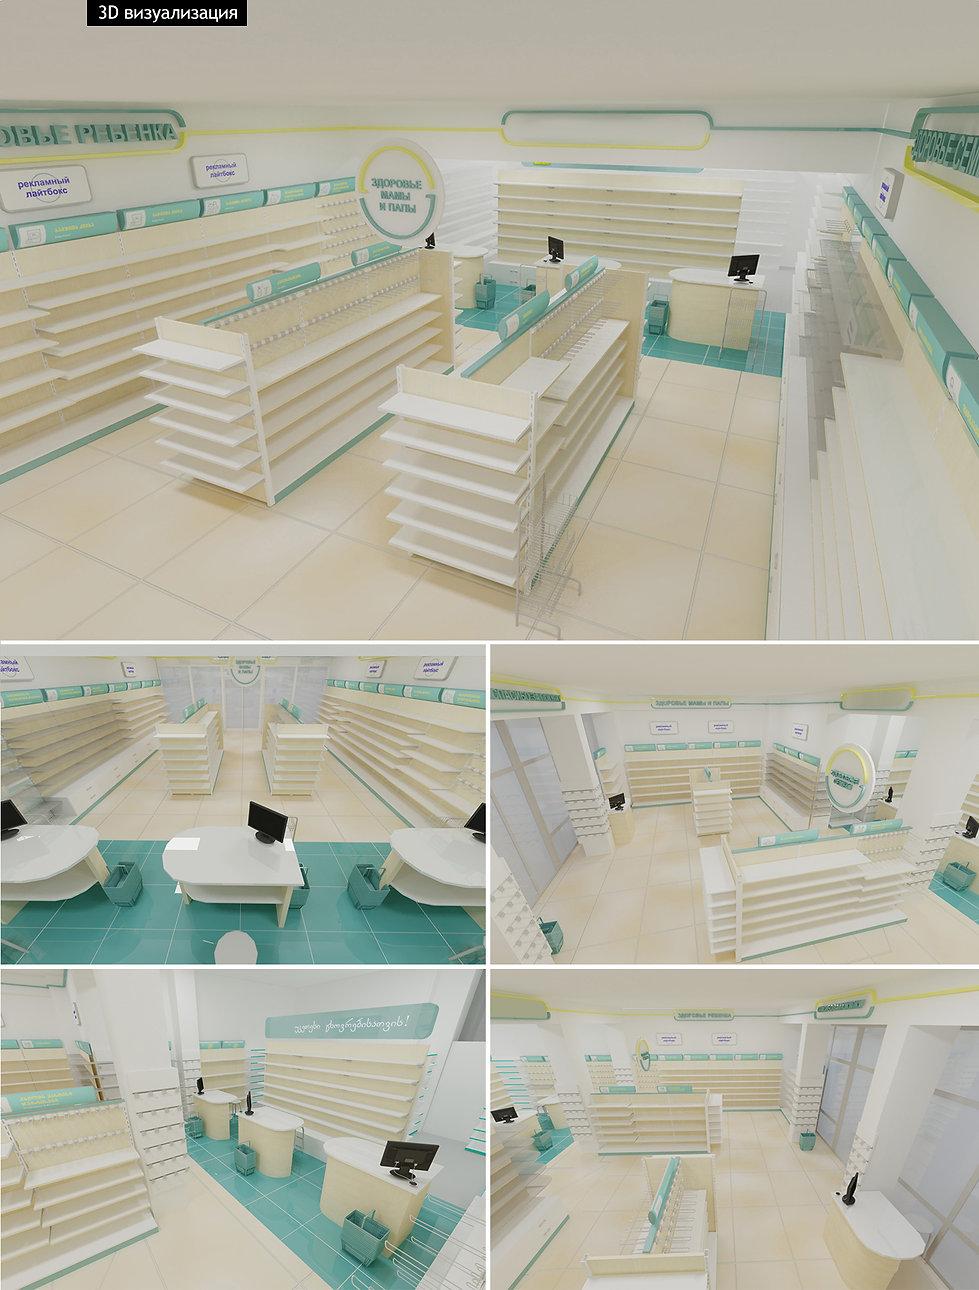 აფთიაქის 3D მოდელირება